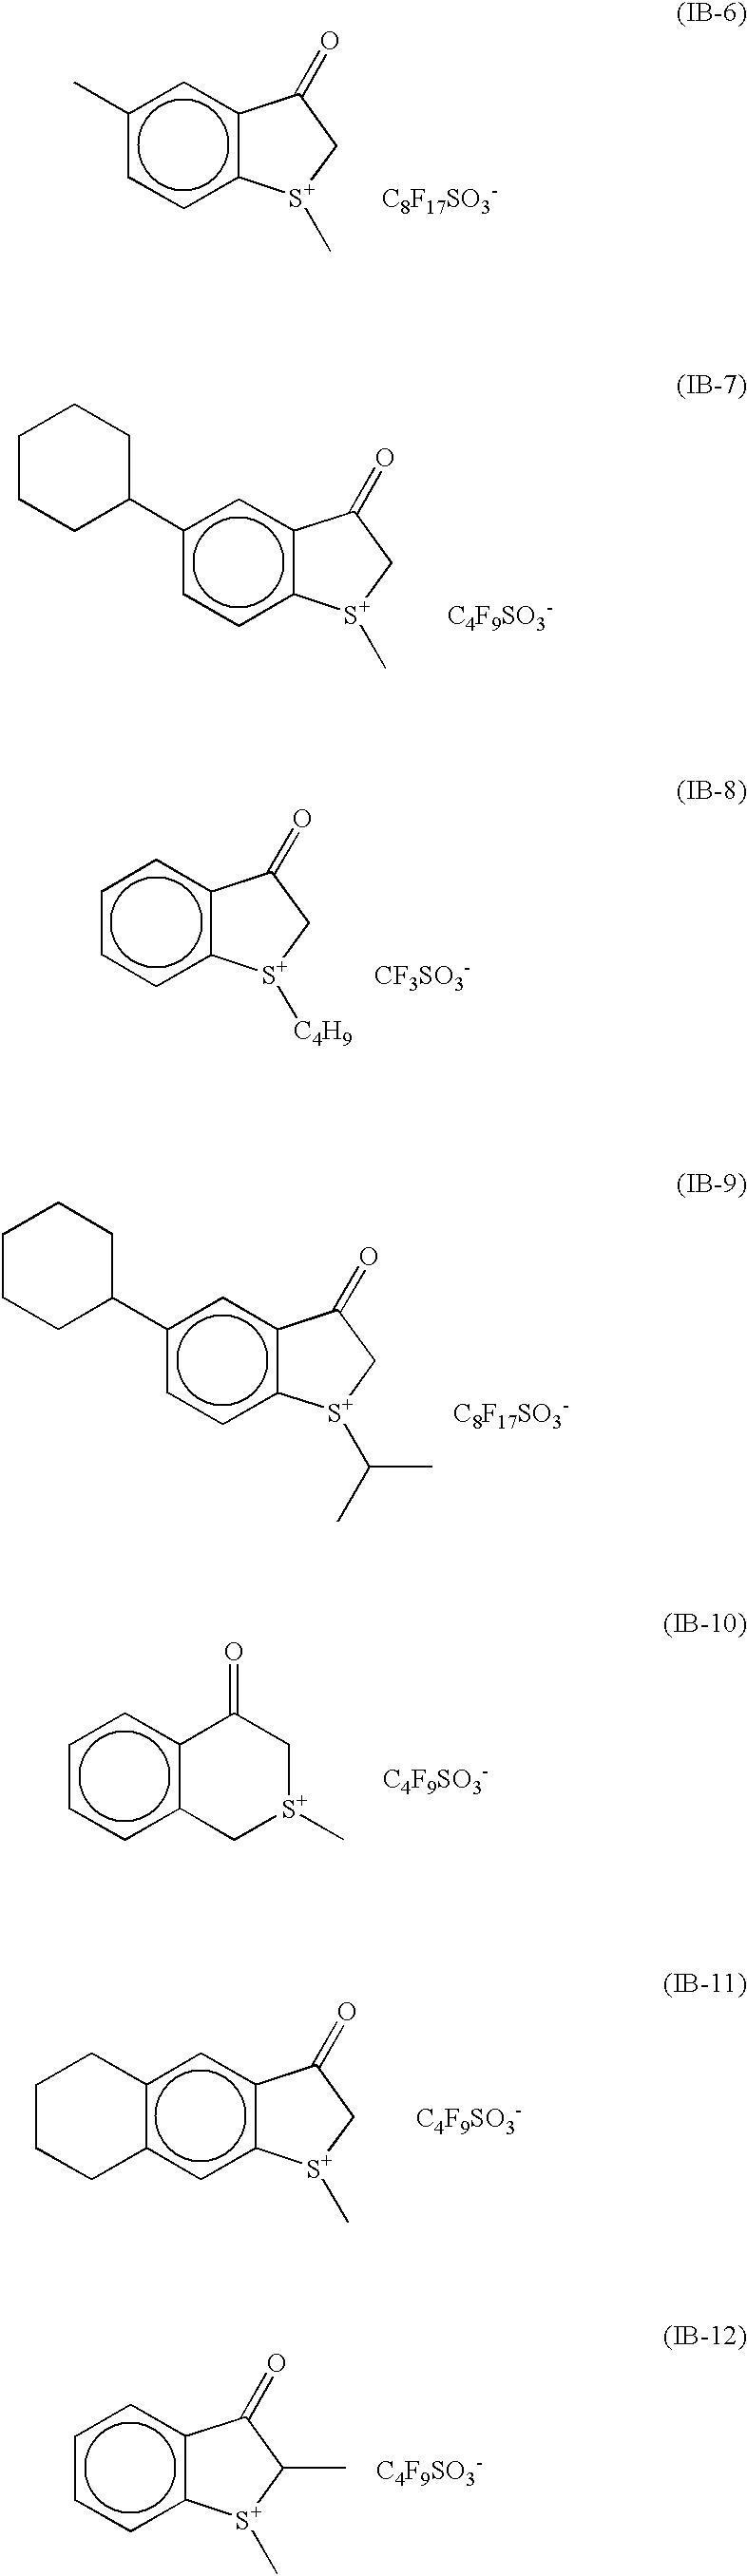 Figure US20030186161A1-20031002-C00028